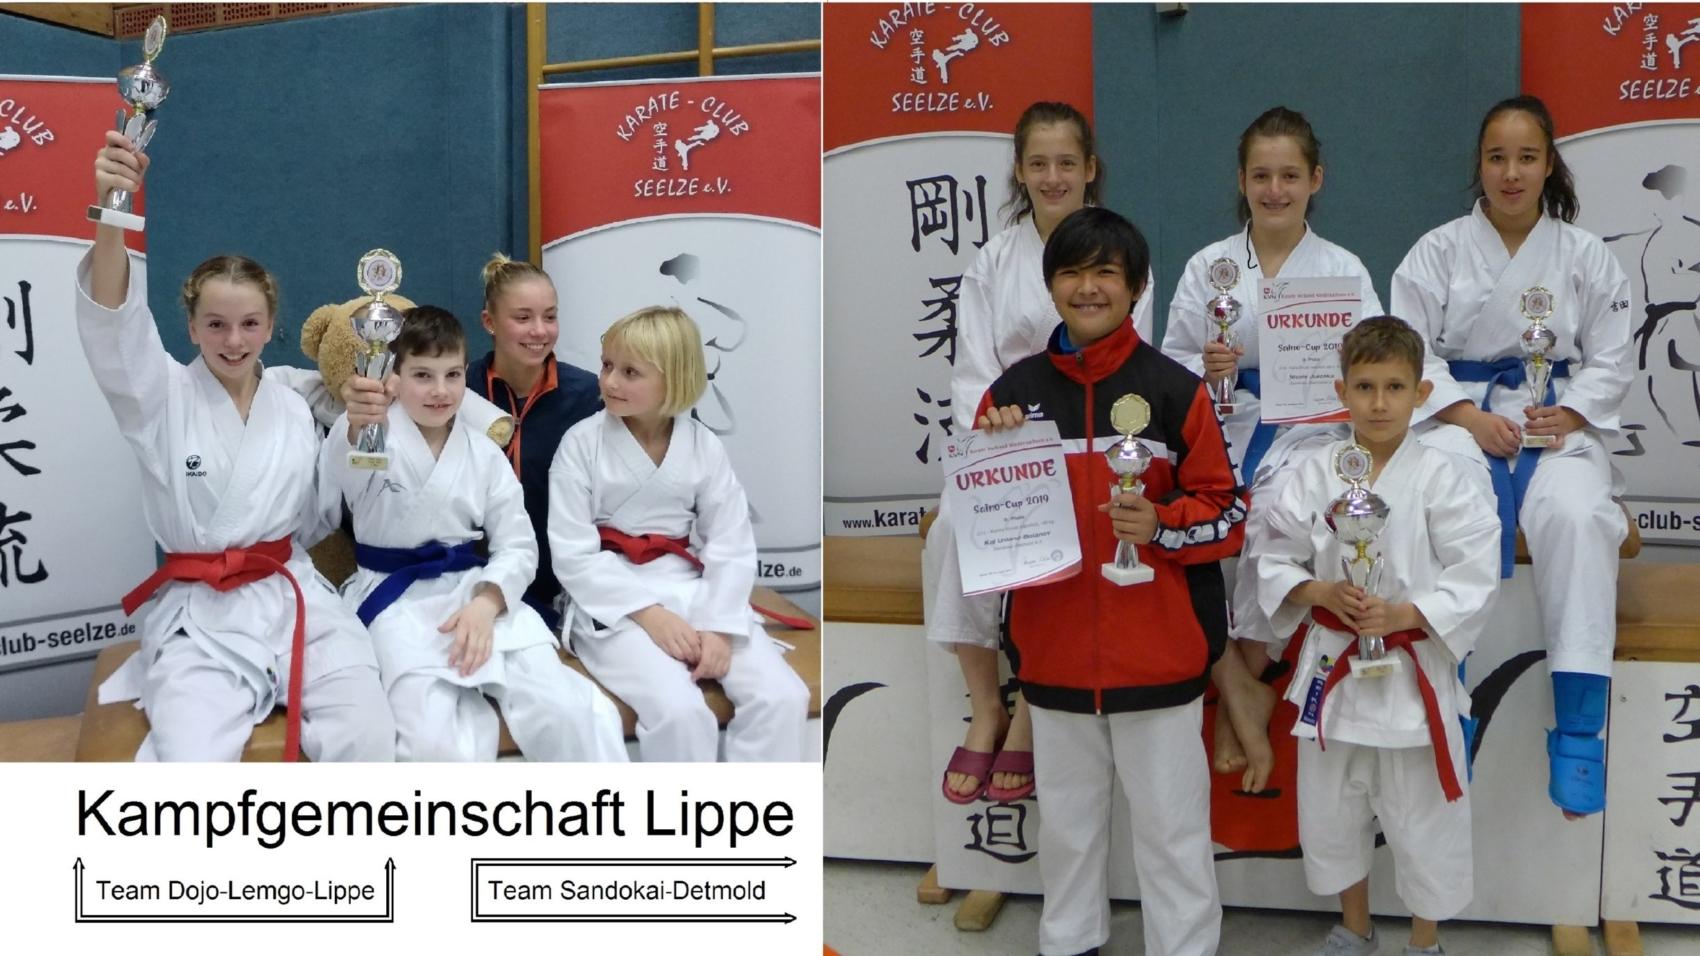 Saino-Cup 2019 - Kamfgemeinschaft Lippe  ohne Lenn (Foto: S. Krause, D. Juschka, Bearbeitung: D. Juschka)